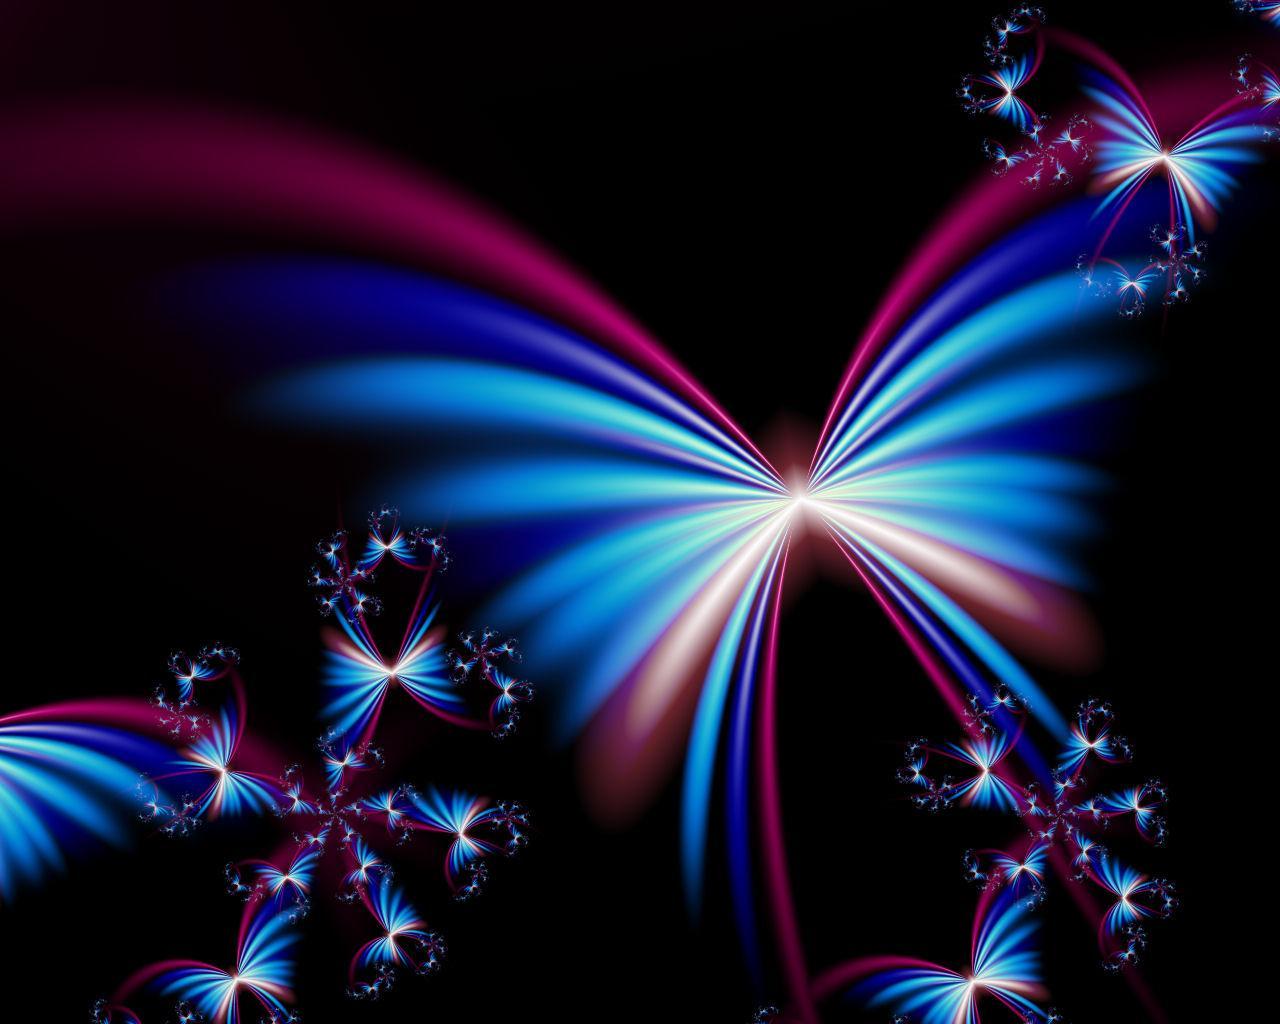 Free Butterfly Desktop Backgrounds - Beautiful 3d Hd Butterfly , HD Wallpaper & Backgrounds